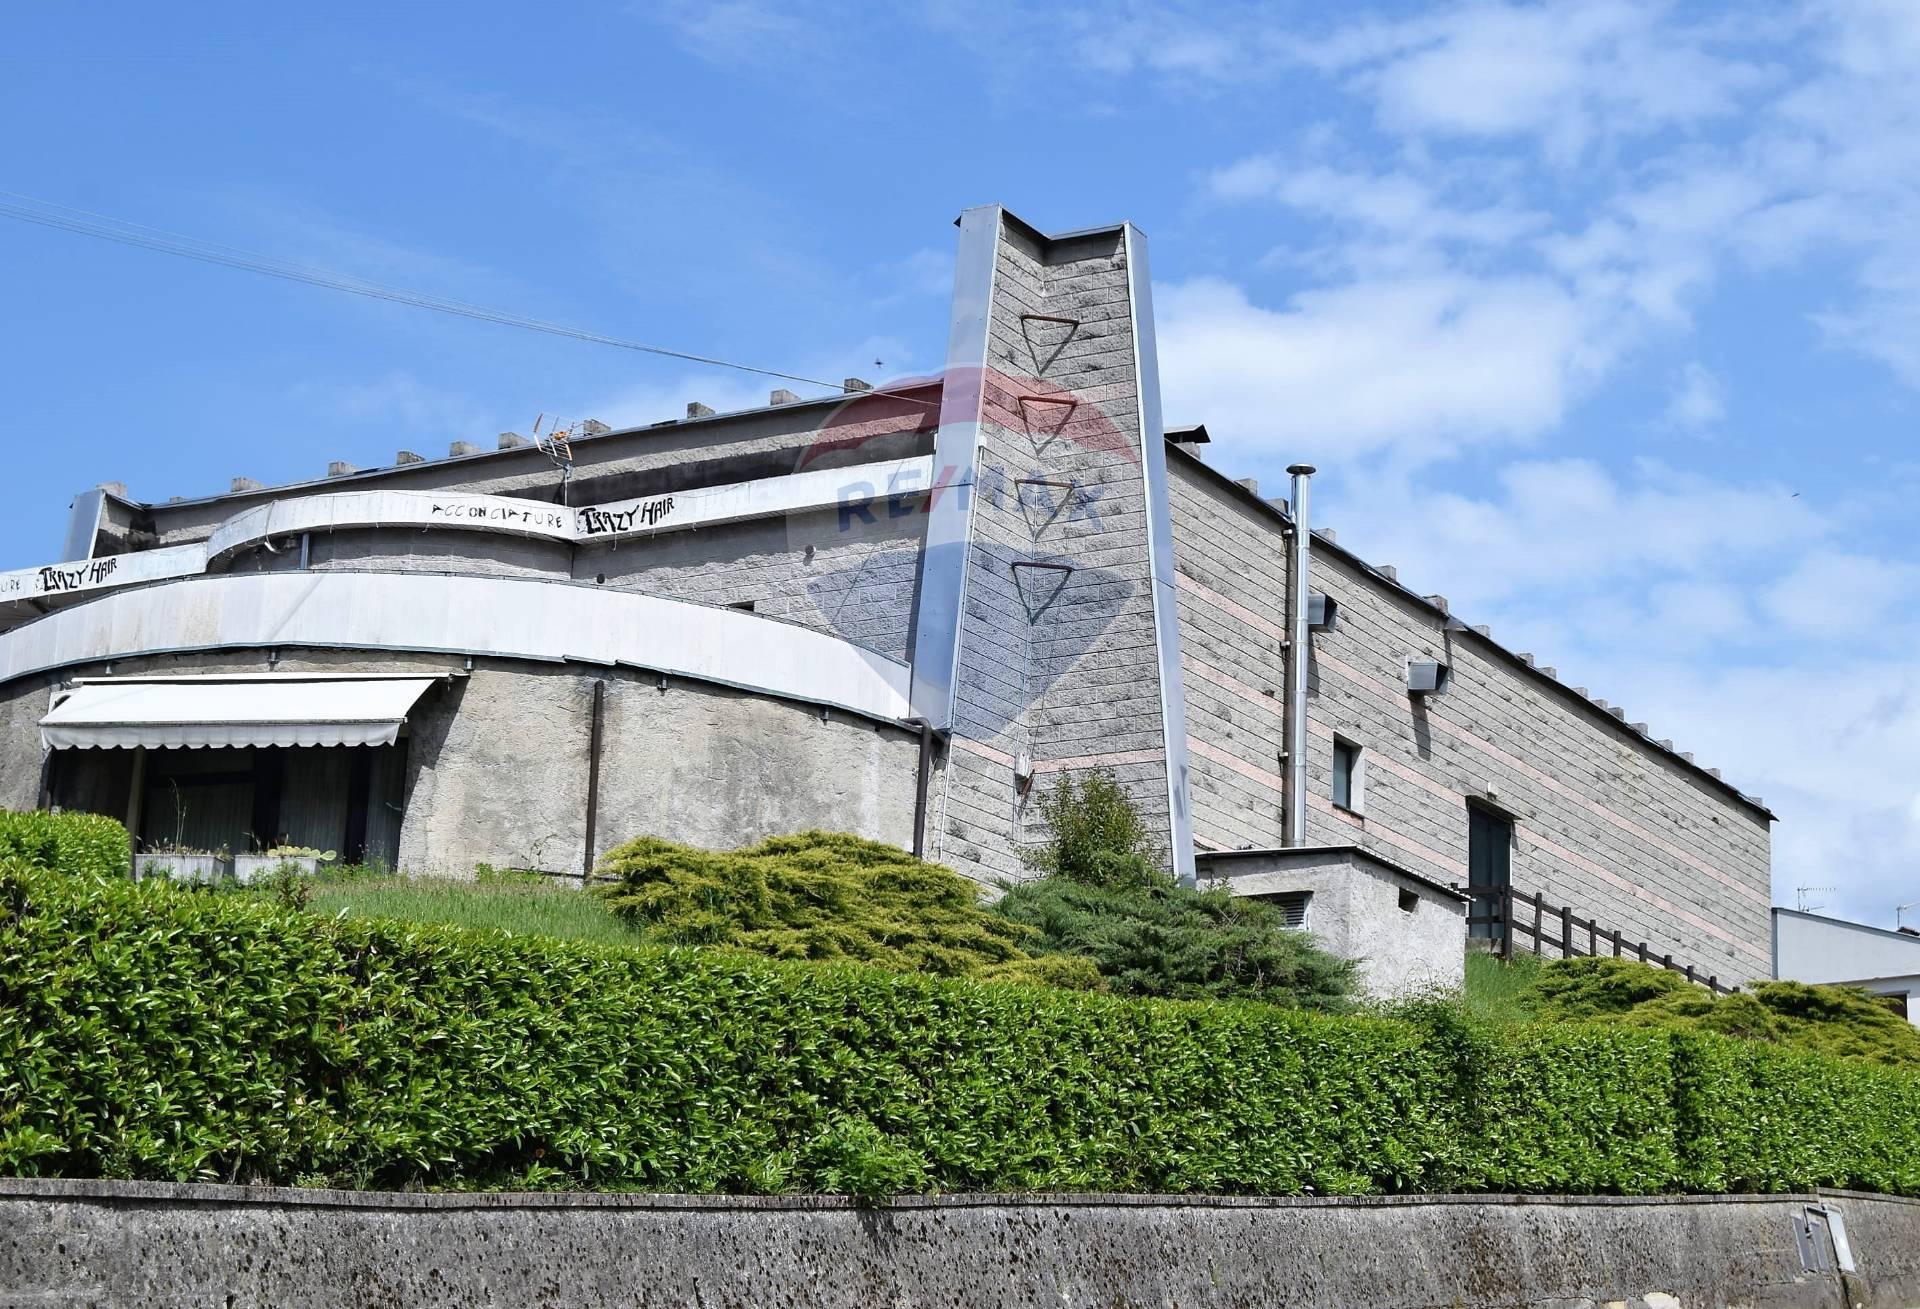 Negozio / Locale in vendita a Bagni di Lucca, 9999 locali, zona Zona: Fornoli, prezzo € 380.000 | CambioCasa.it